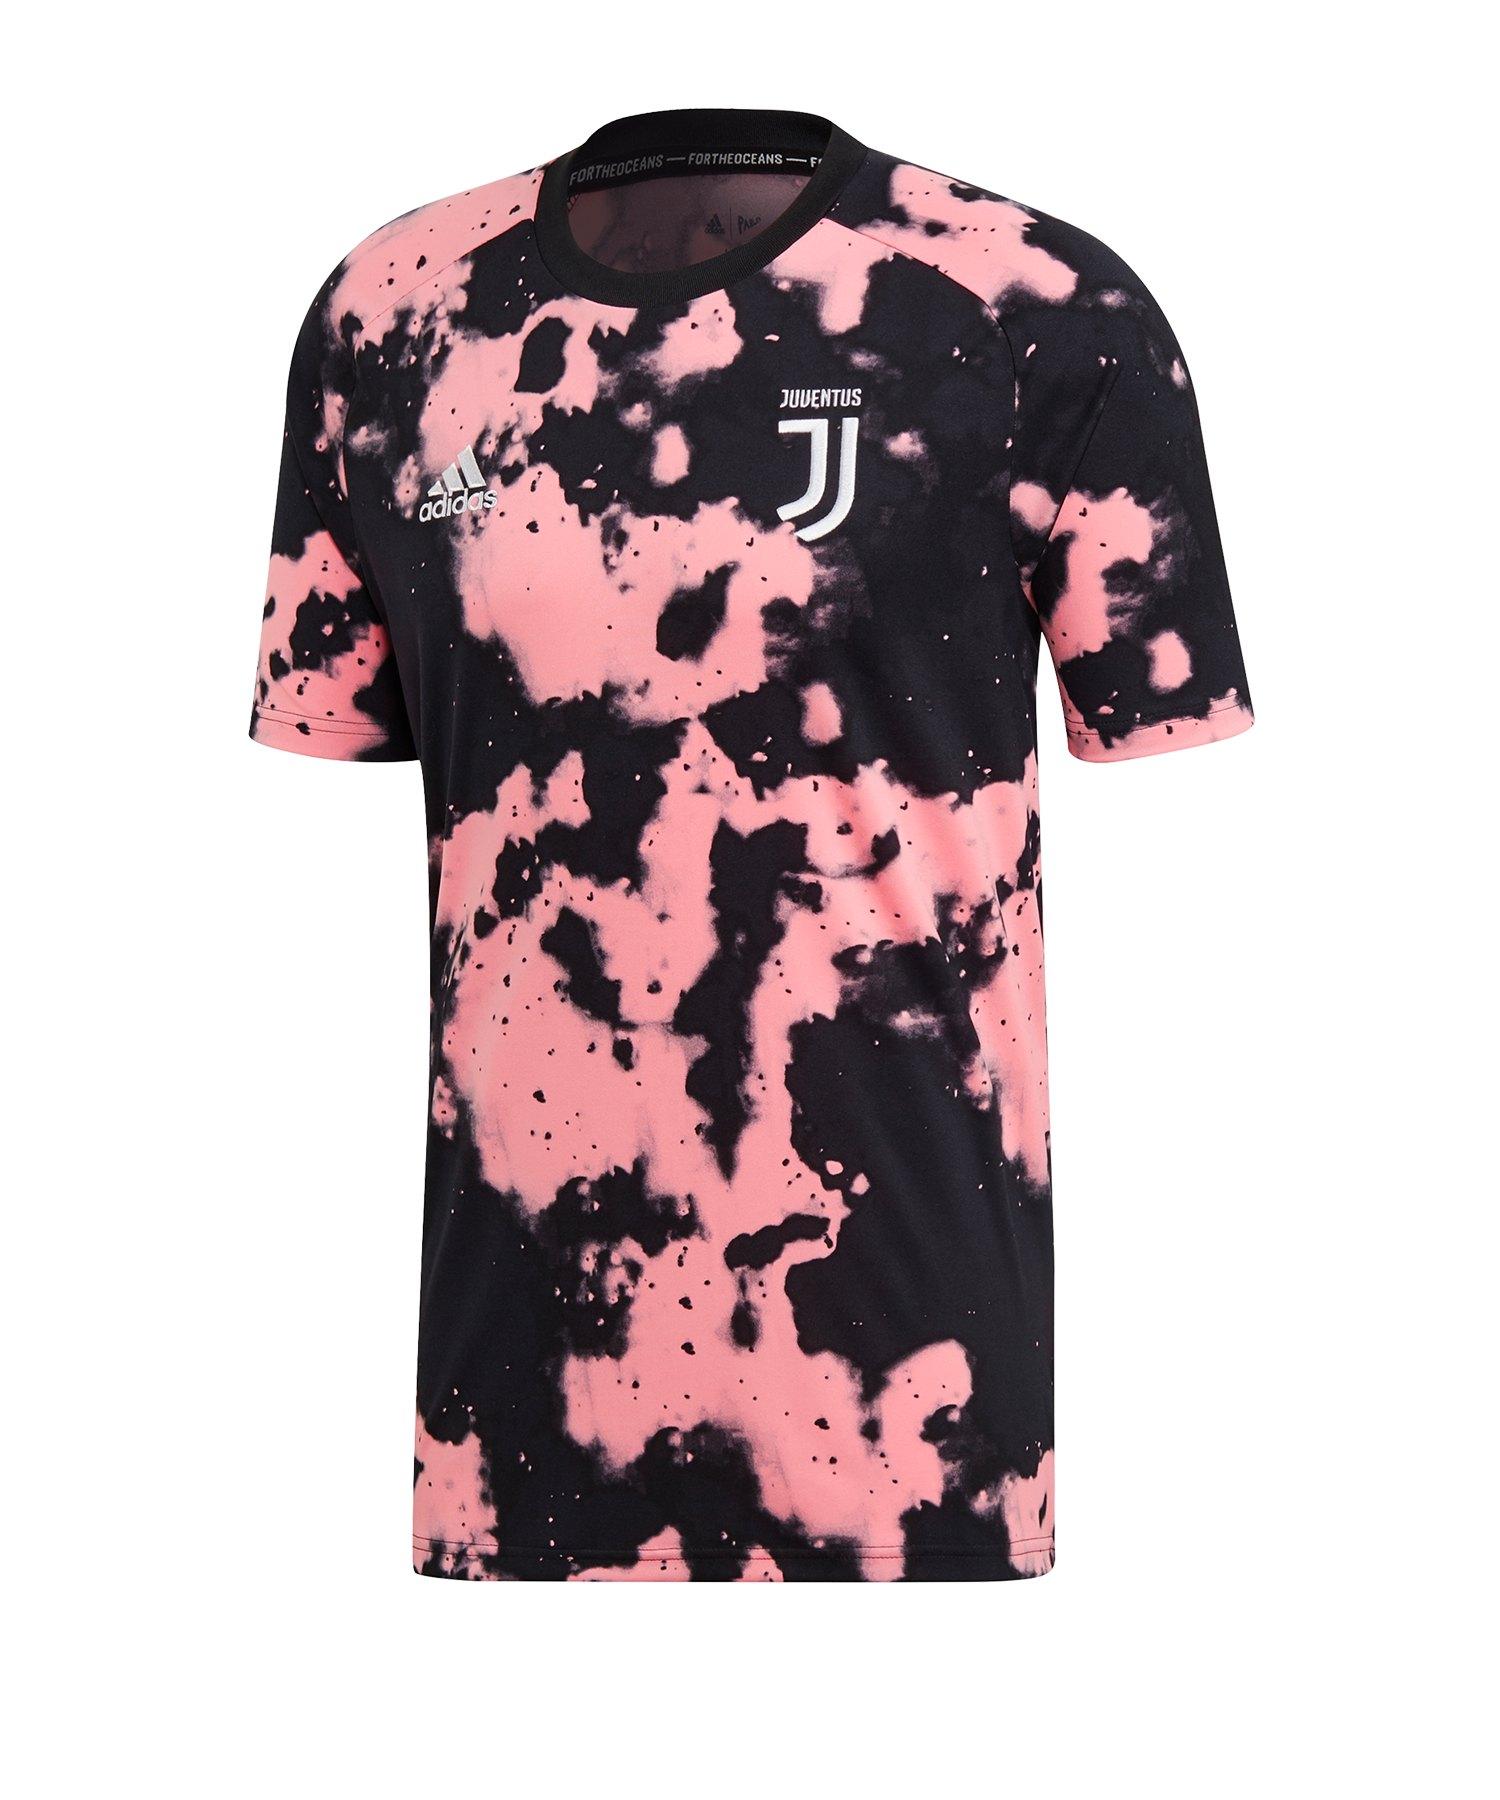 adidas Juventus Turin Prematch Shirt Pink - pink